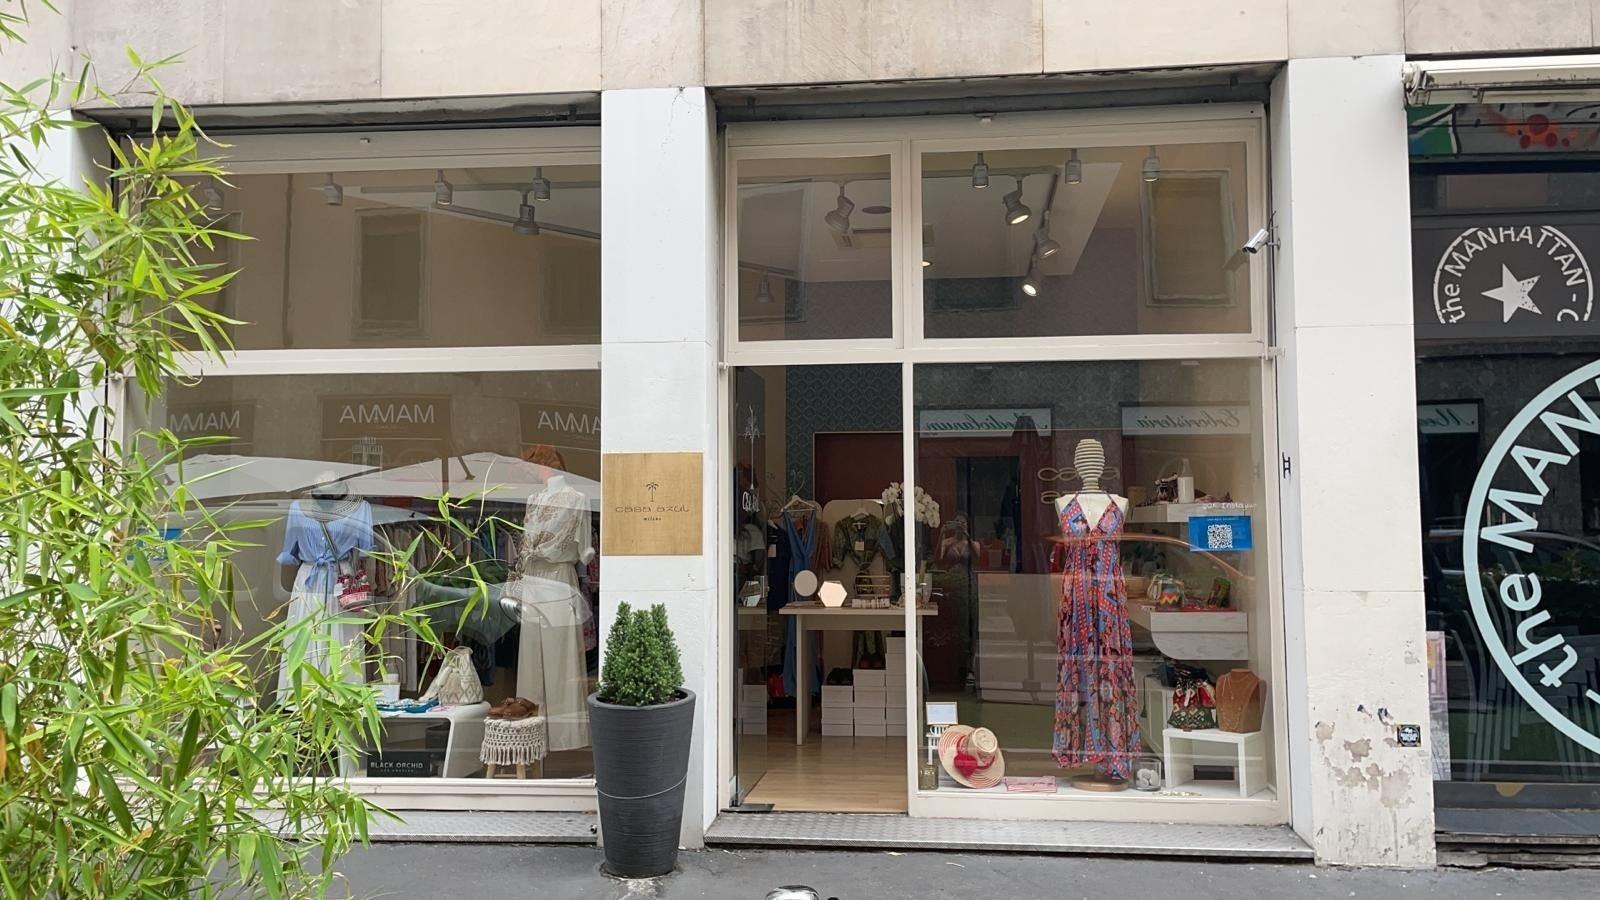 Temporary store salone del mobile 2021 corso garibaldi